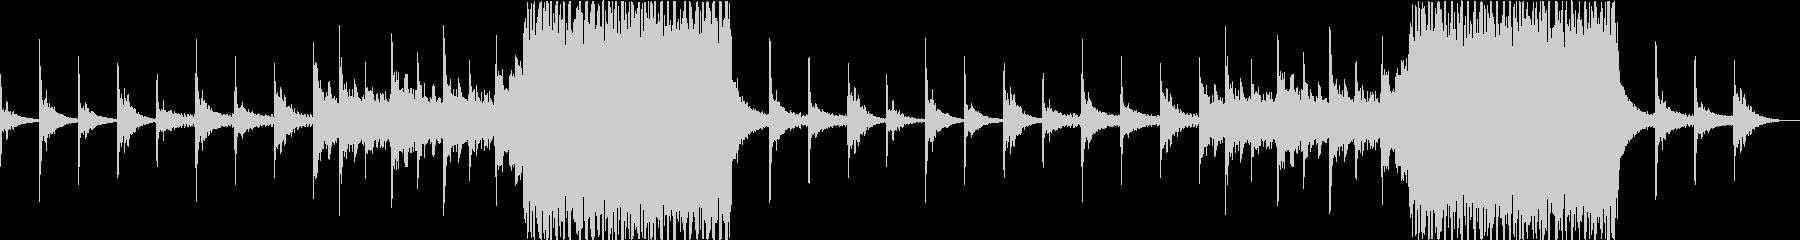 終末感漂うホラー、ダーク系のBGMの未再生の波形